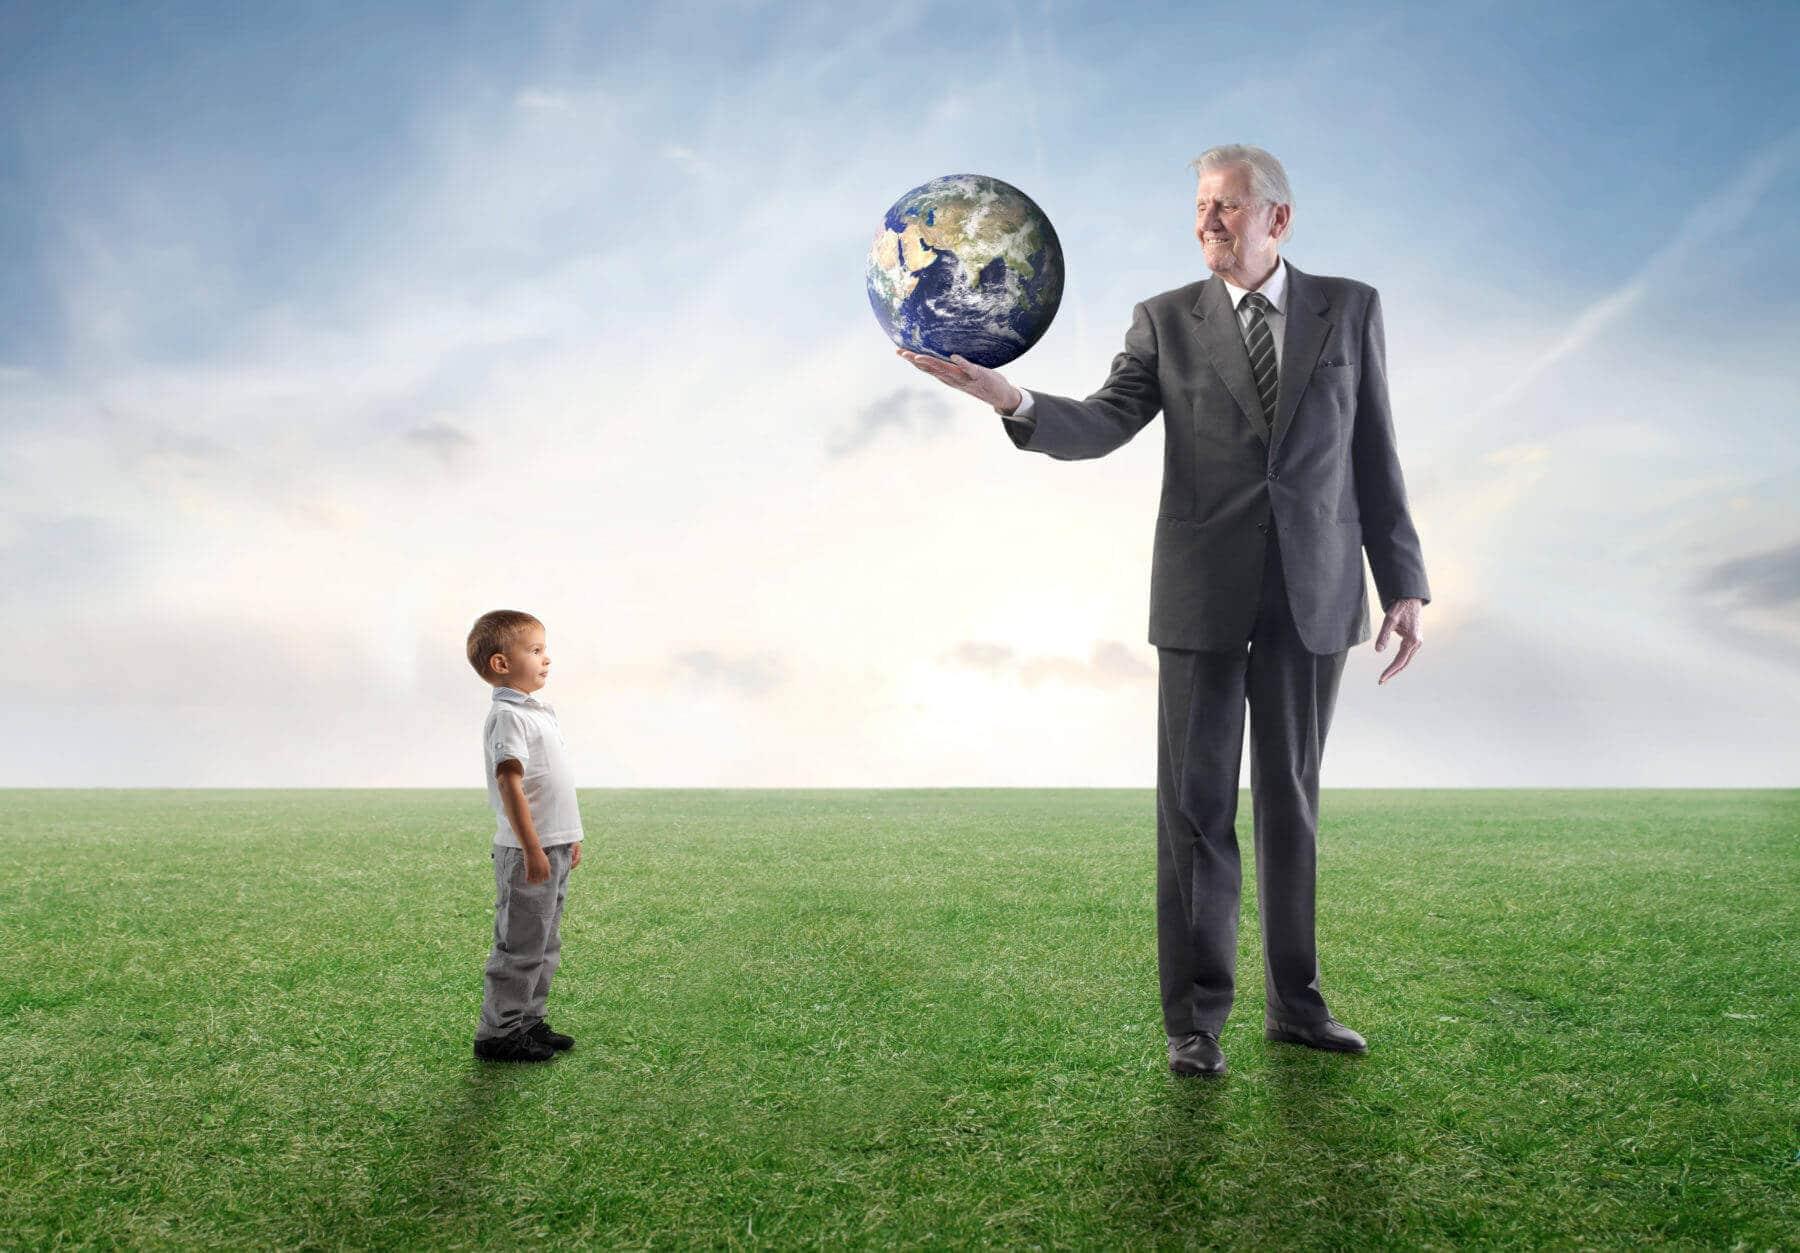 Duurzaamheid en ondernemerschap gaan hand in hand